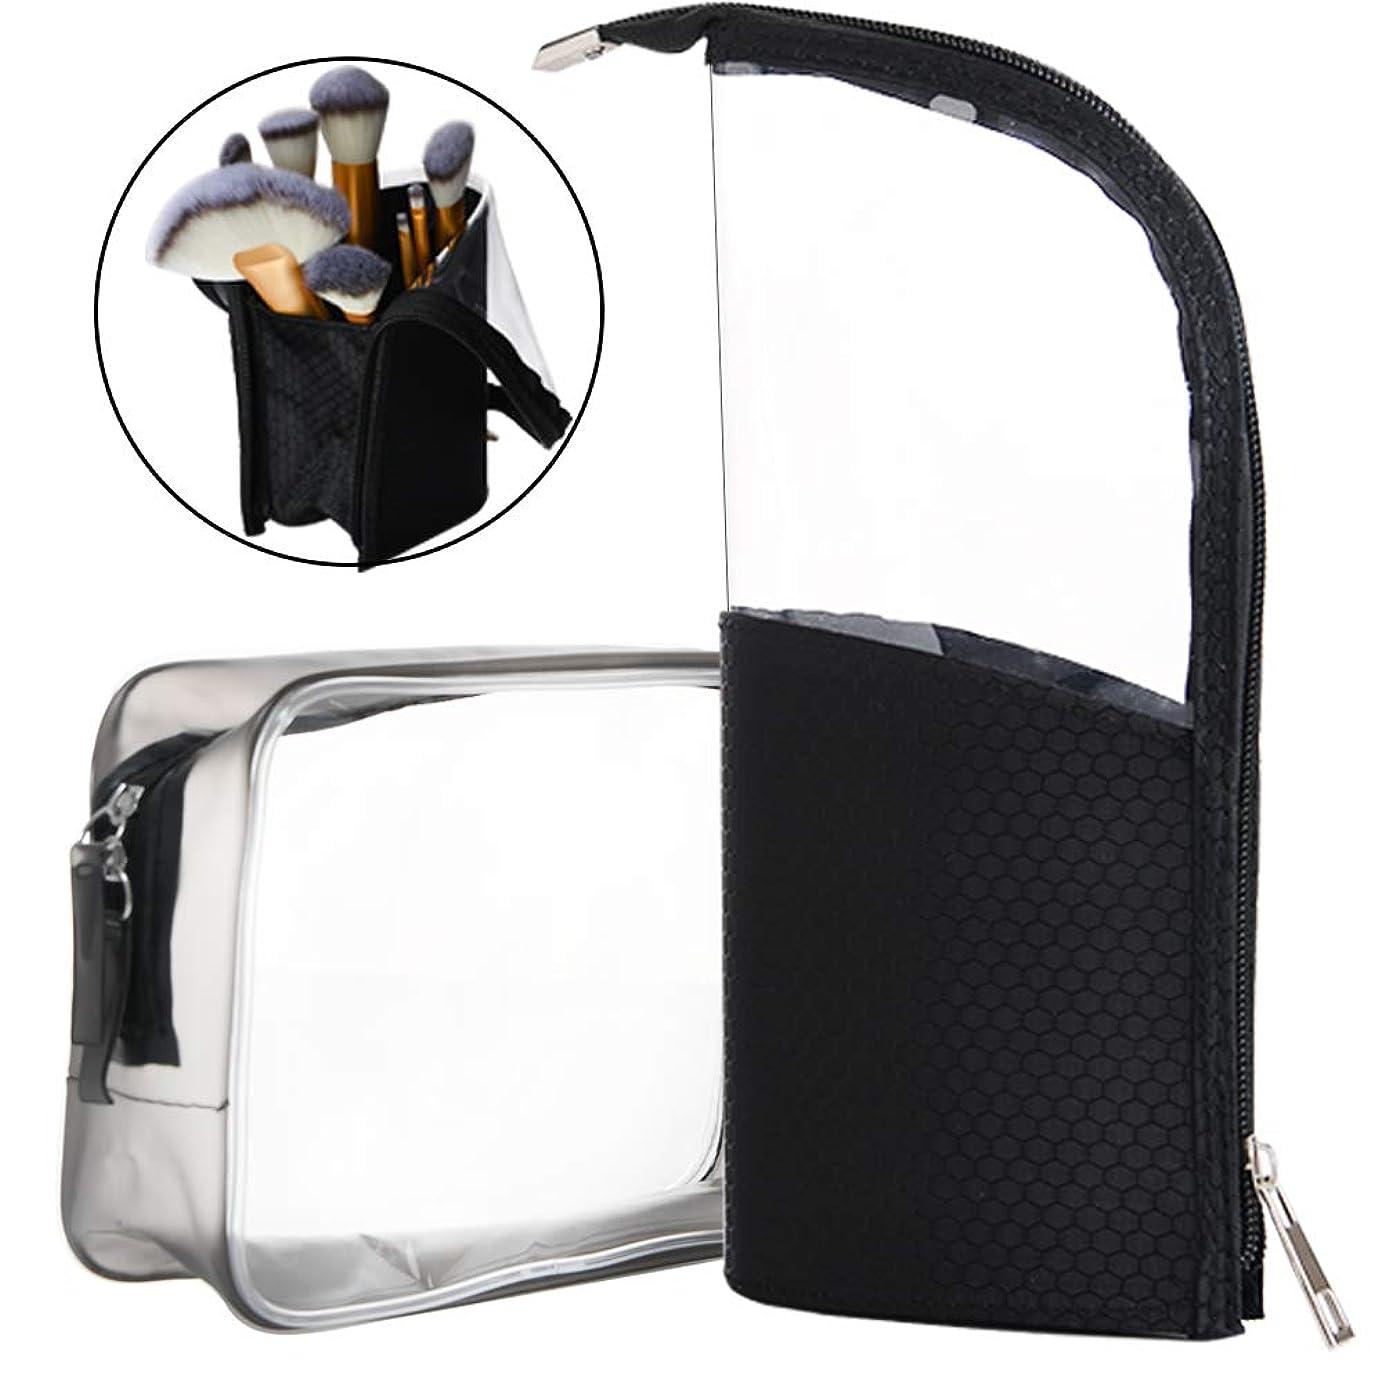 メイクブラシケース ペンボックス ブラシポーチ コスメ収納 化粧筆収納 化粧品収納ボックス 旅行メイクブラシ収納 ペン立てスタンド 化粧品入れ 透明なPVCジッパーバッグ 大容量透明化粧品ケース